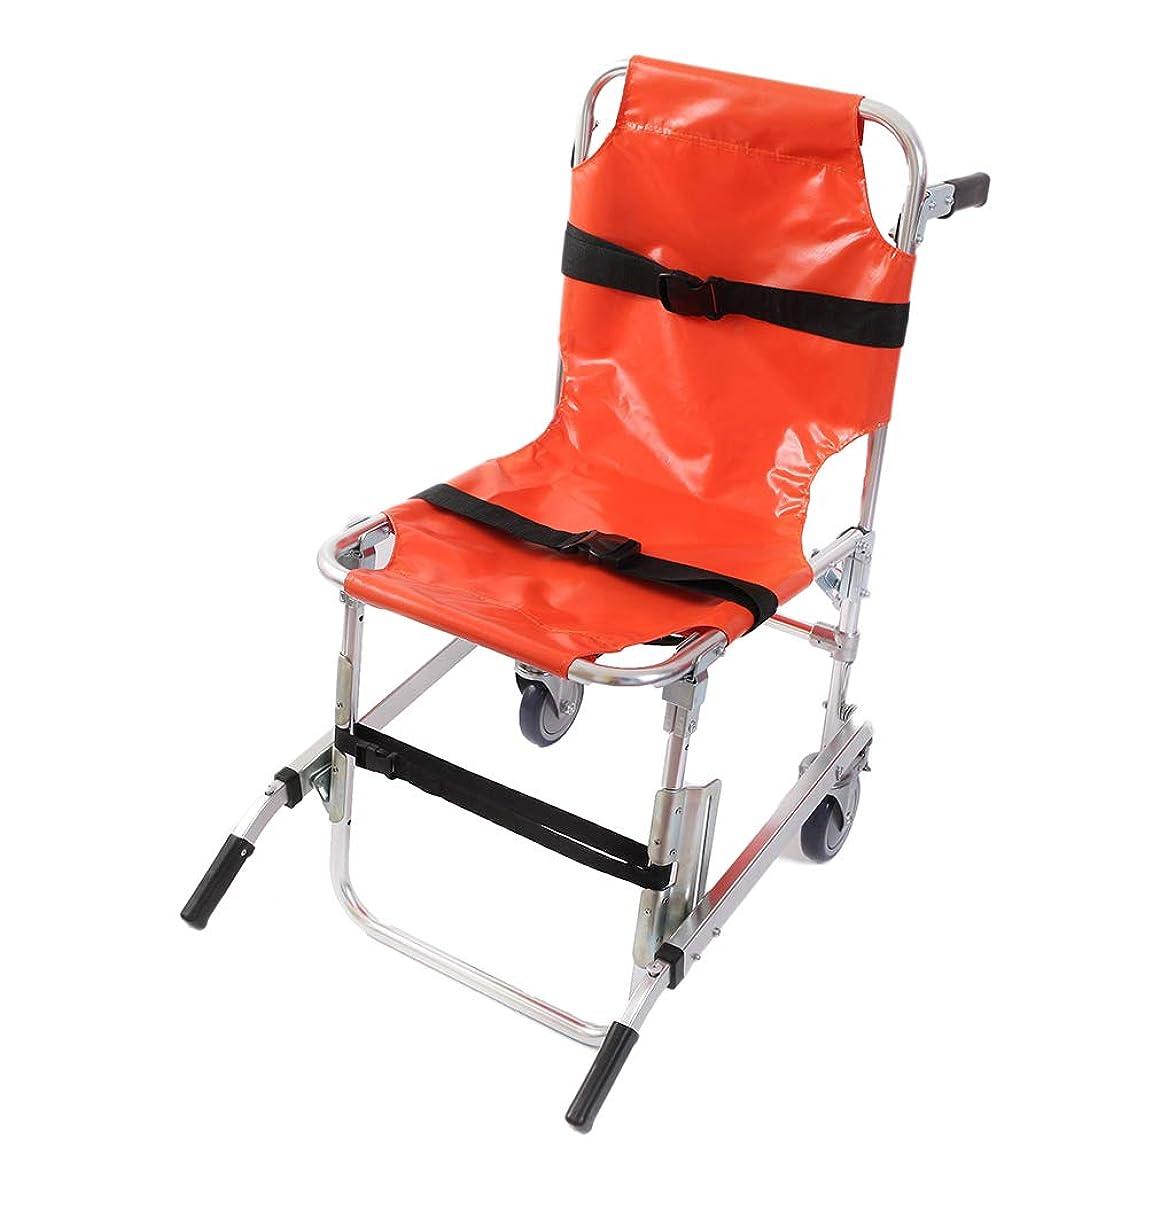 老朽化したウェーハアンプEMS階段椅子、アルミニウムの軽量2クイックリリースバックル付きリフト付き医療輸送椅子